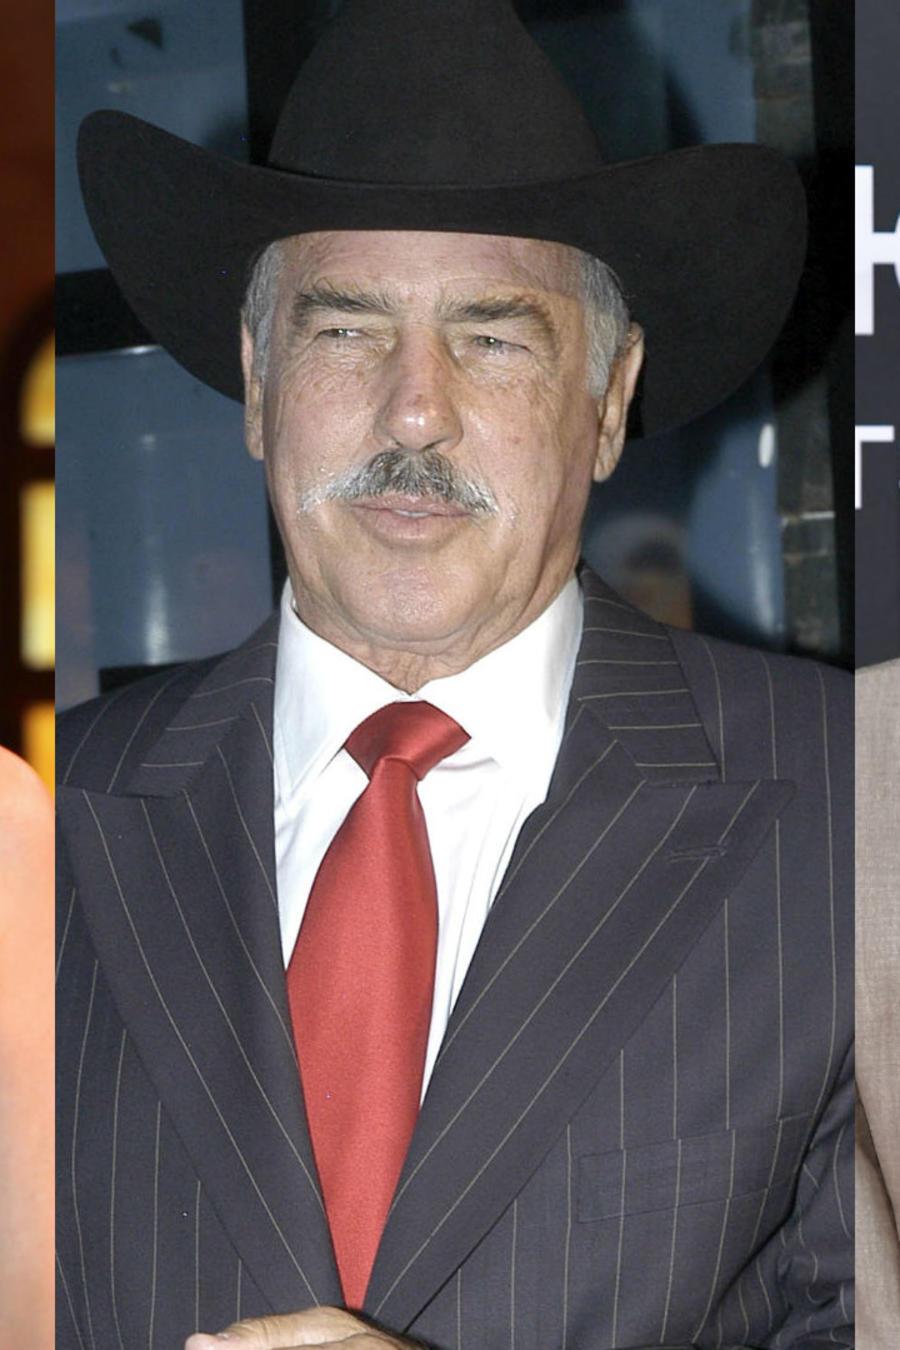 Adriana Lavat, Andrés García y Lady Gaga